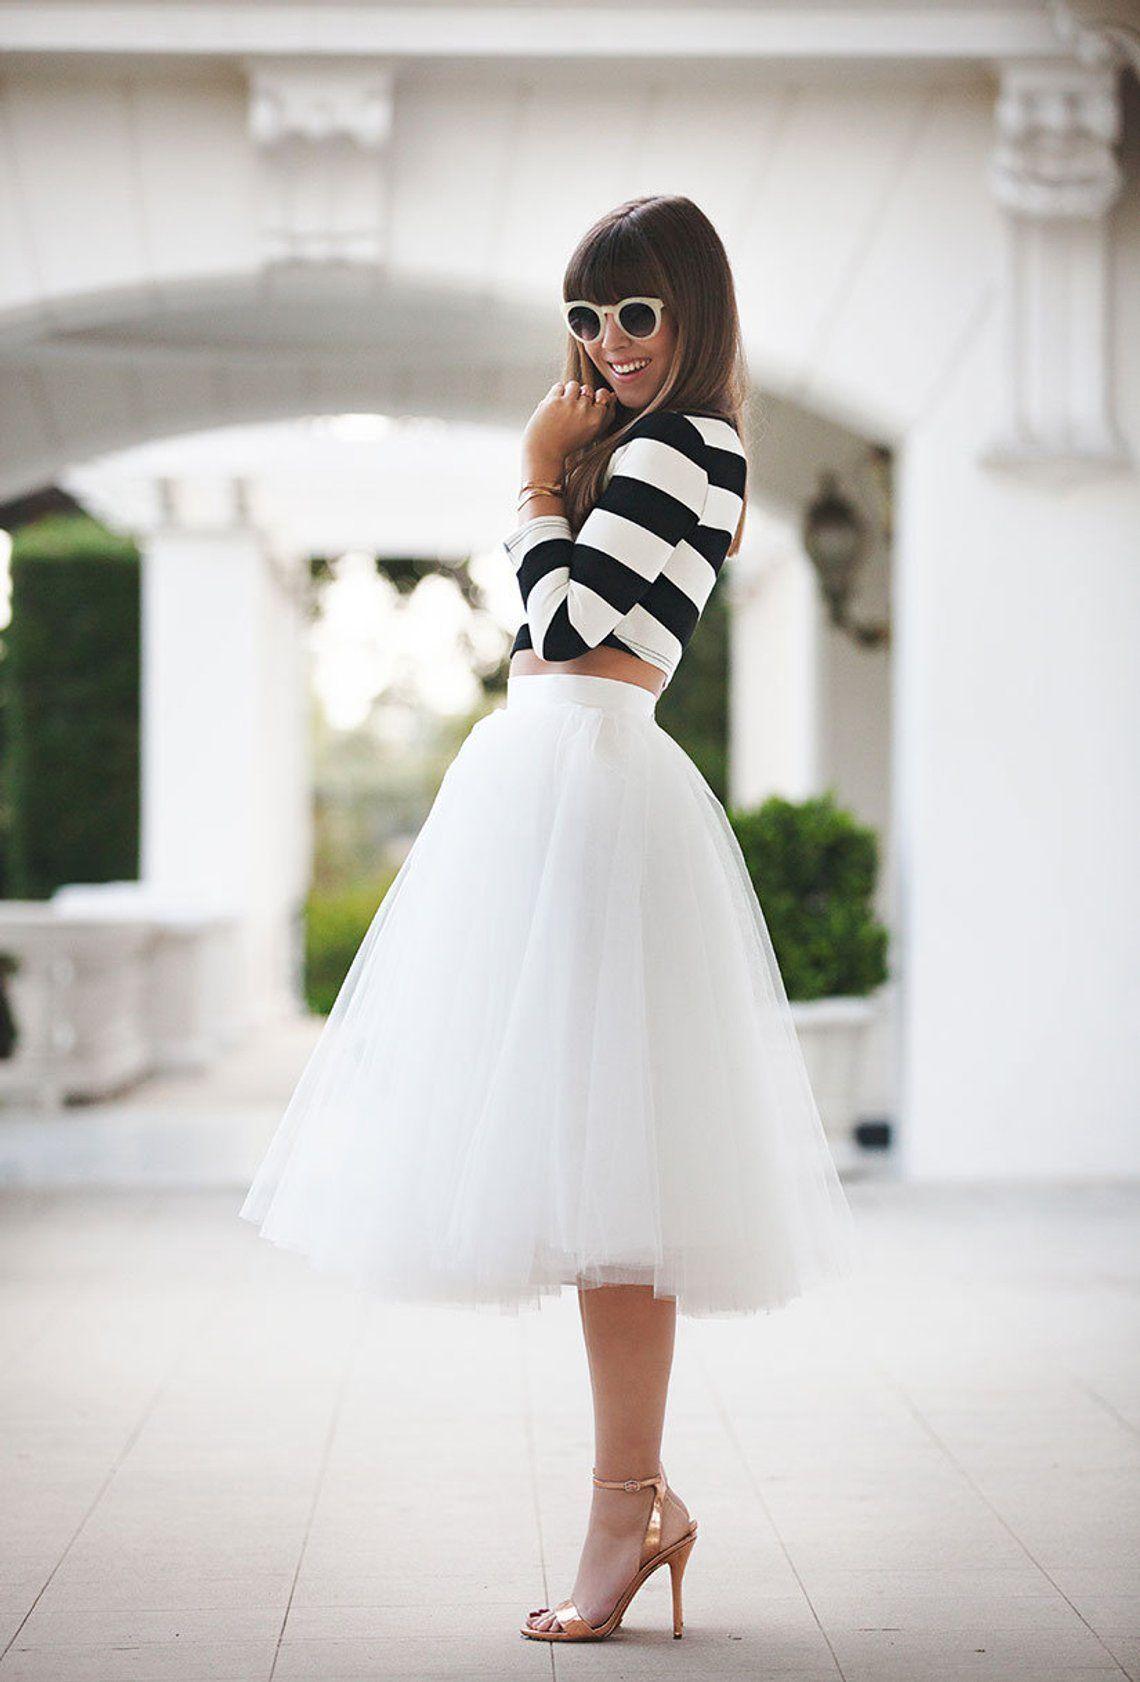 Wedding Tulle Skirt Bridal Tulle Skirt White Tulle Skirt Etsy Fashion Style White Tulle Skirt [ 1682 x 1140 Pixel ]